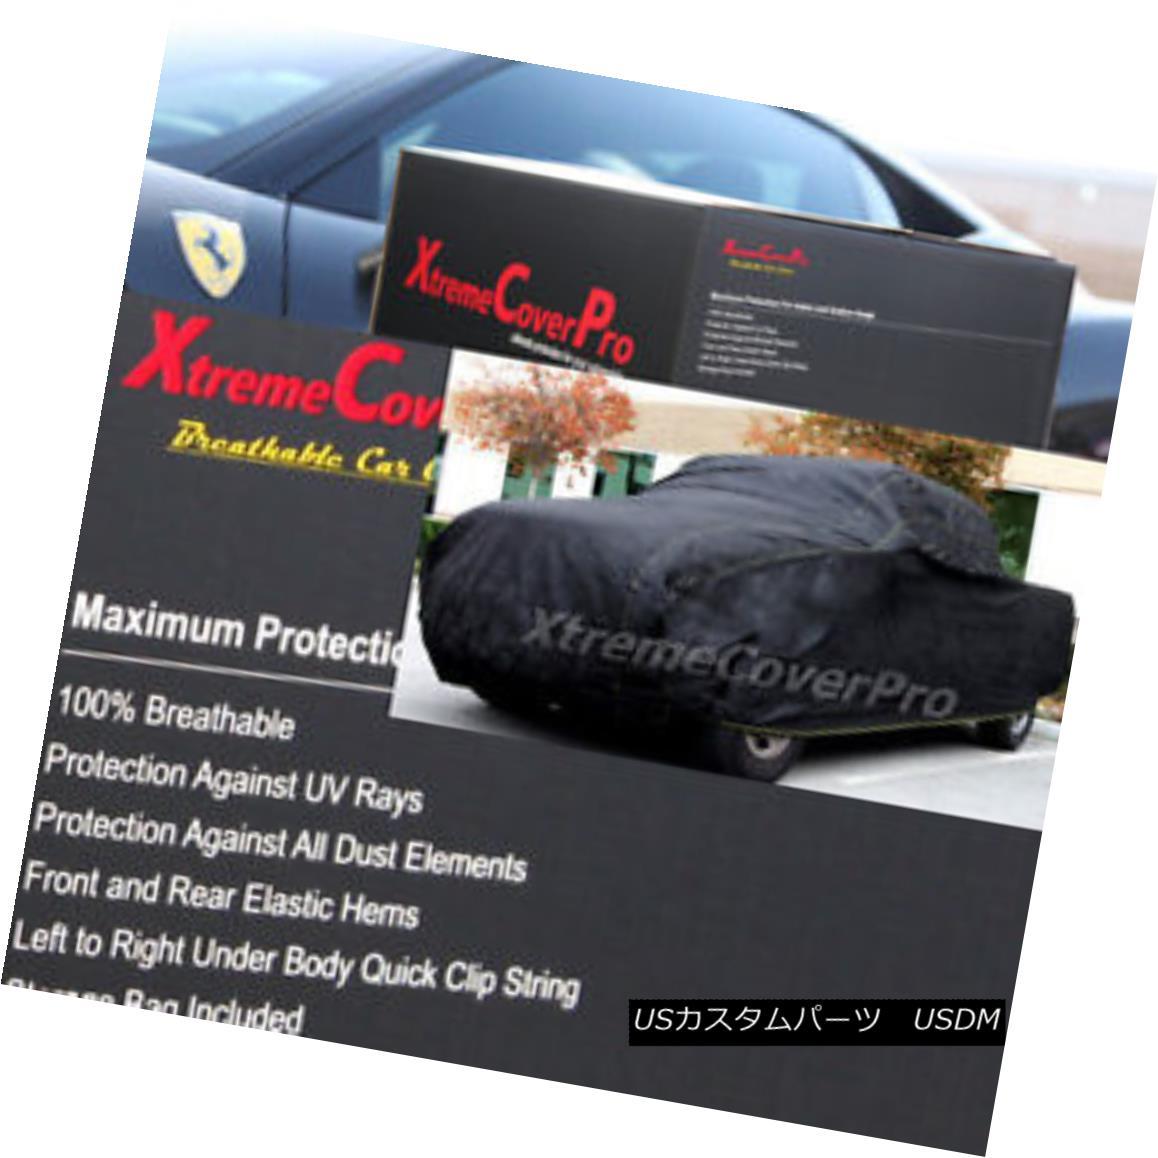 カーカバー 2013 Dodge RAM 2500 Reg Cab 8ft Box Breathable Car Cover 2013ダッジRAM 2500レッグキャブ8フィートボックス通気性の車のカバー